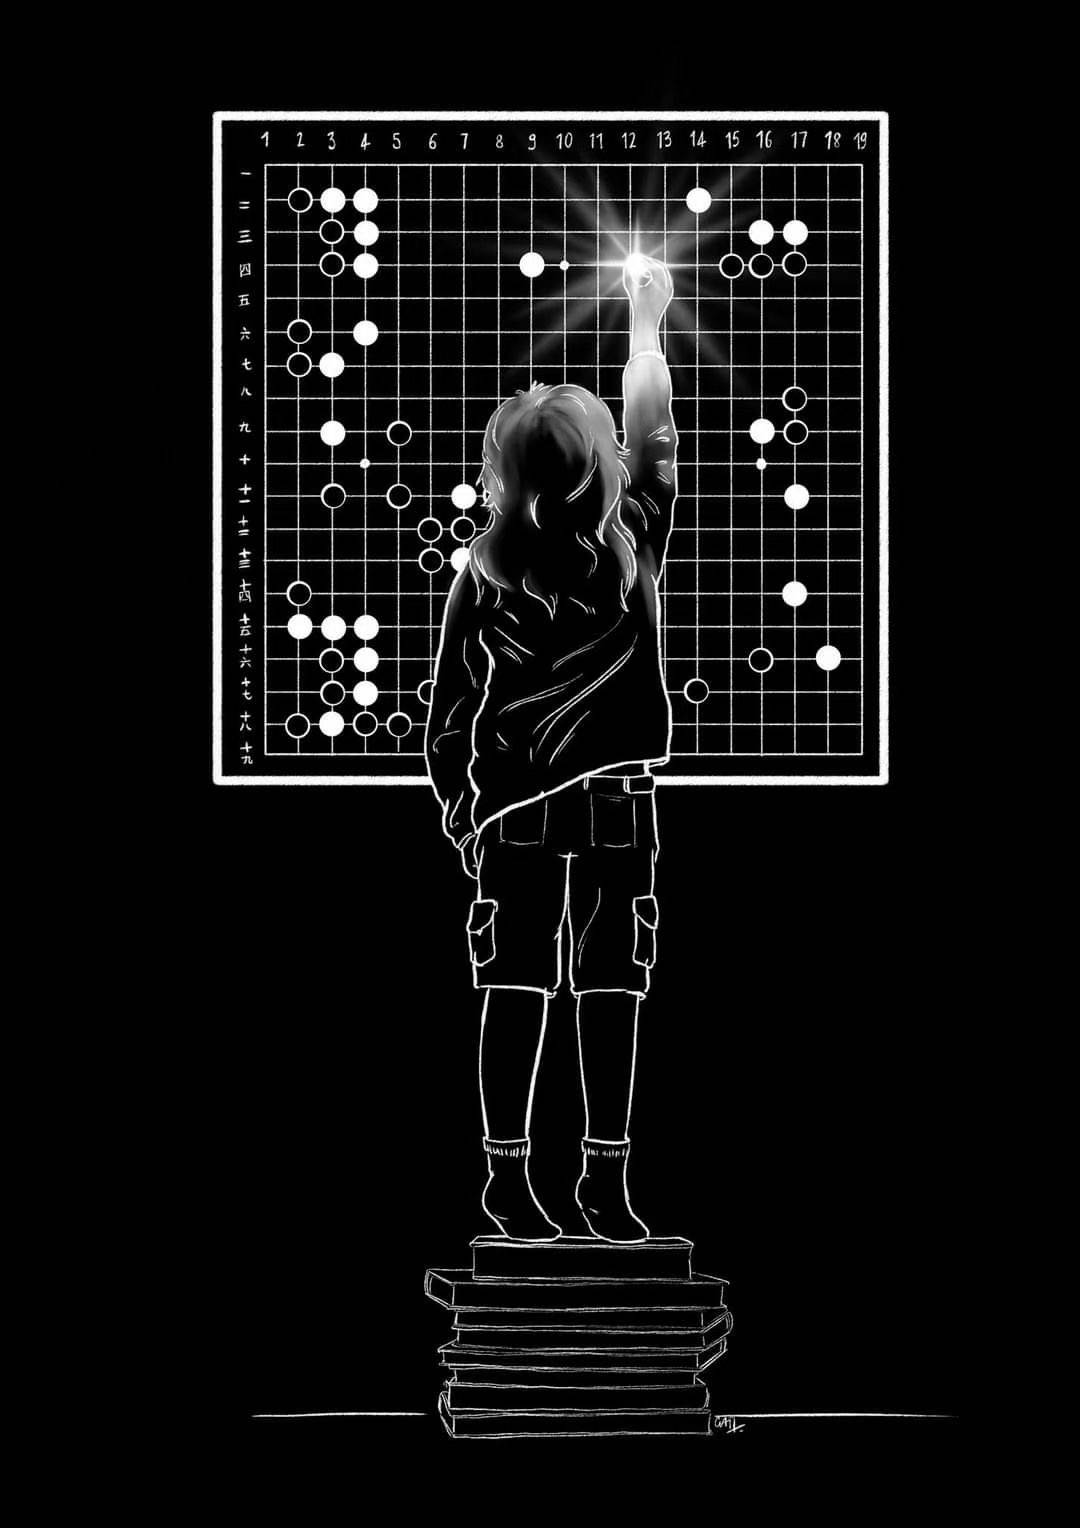 全球资讯_全球围棋资讯丨10月12日_崔哲瀚